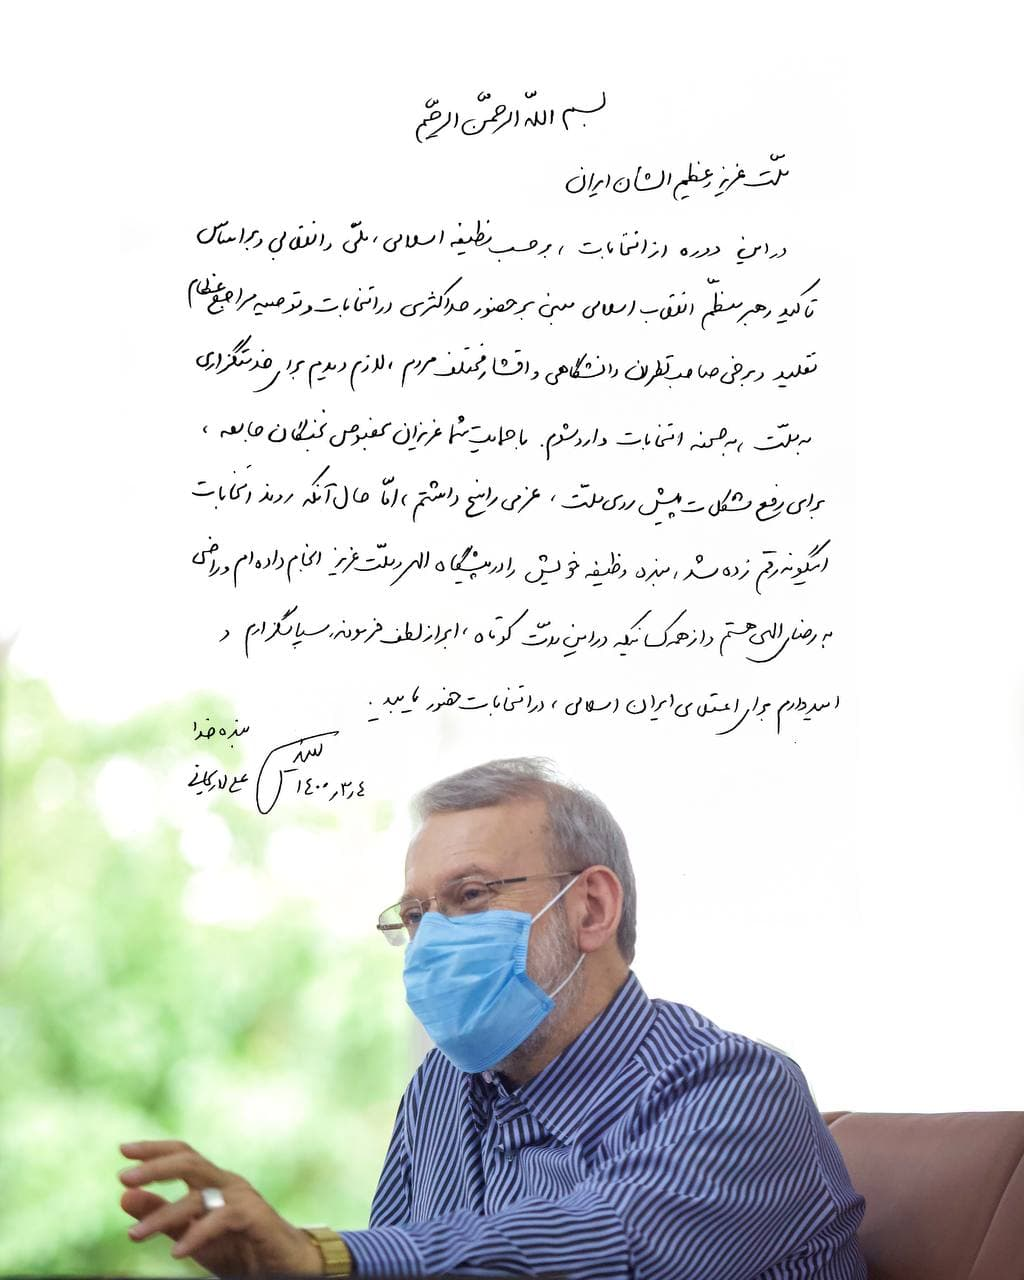 بیانیه لاریجانی پس از رد صلاحیت در انتخابات ریاست جمهوری